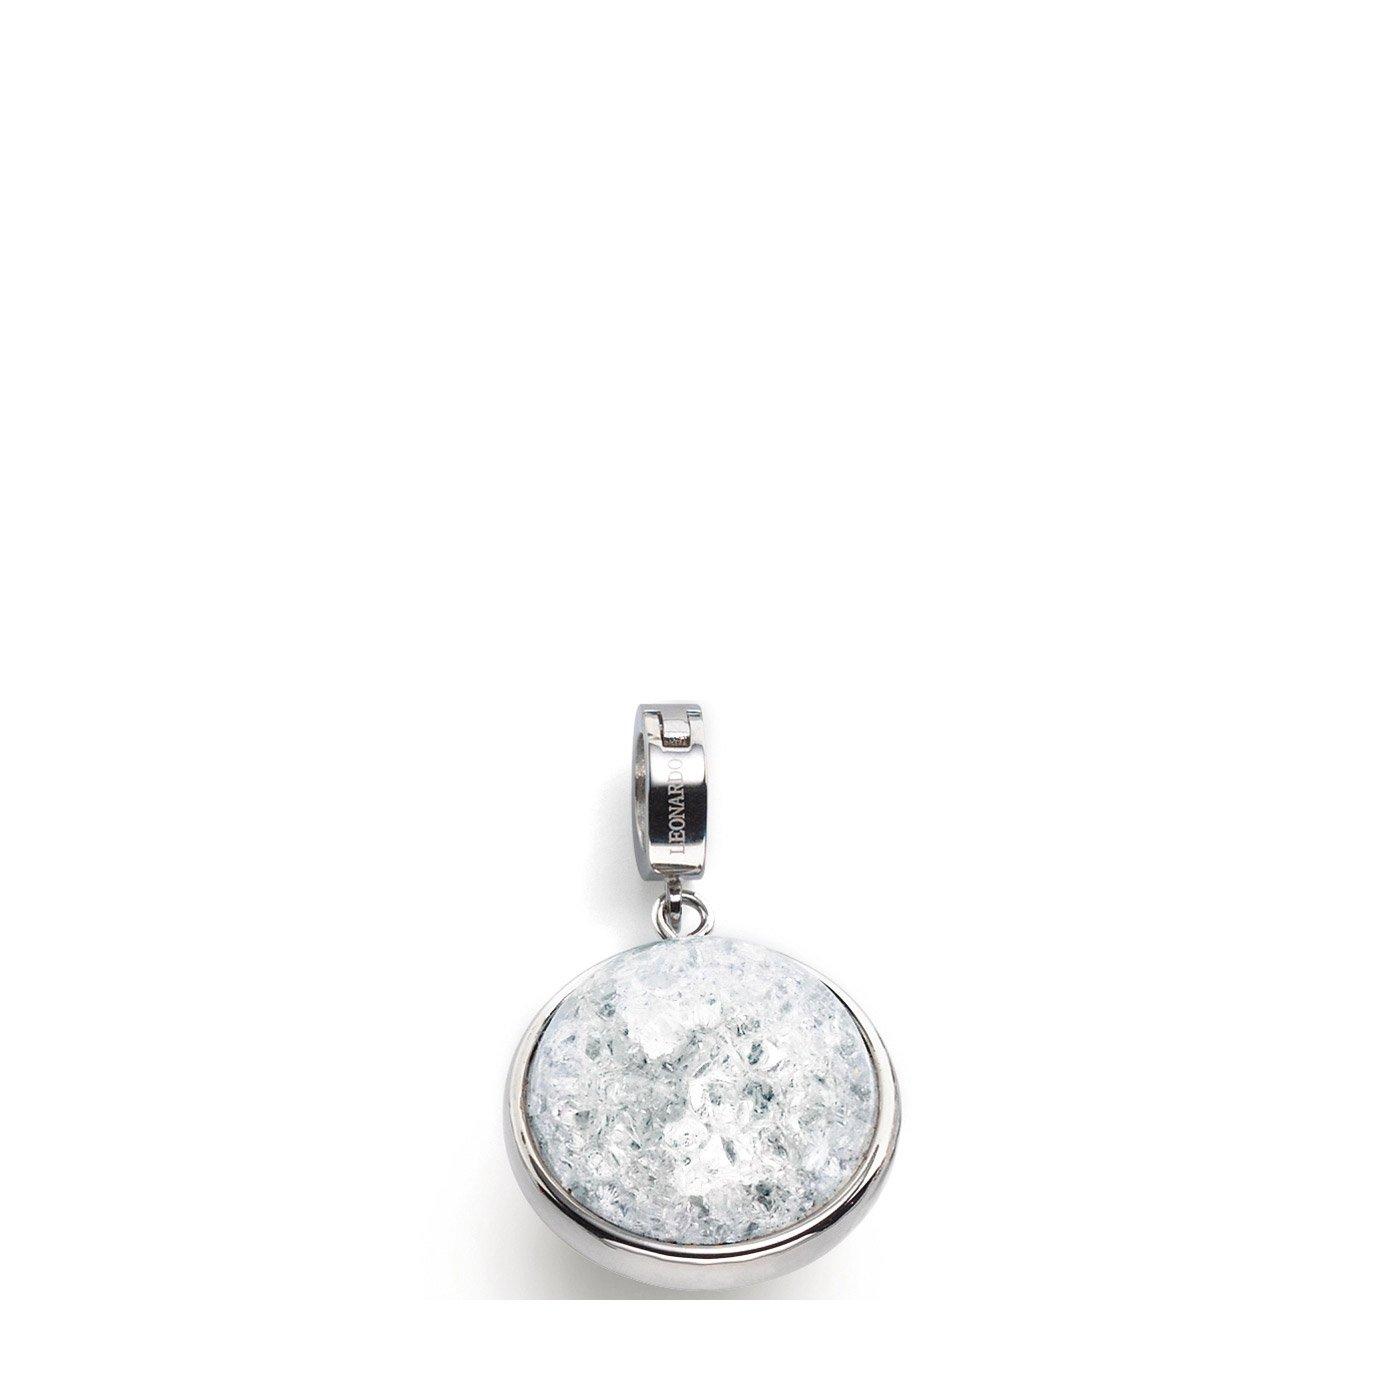 Leonardo Jewels Damen Anhänger Darlin's Snowball Edelstahl Glas 011283 Jewels by Leonardo Darlin' s